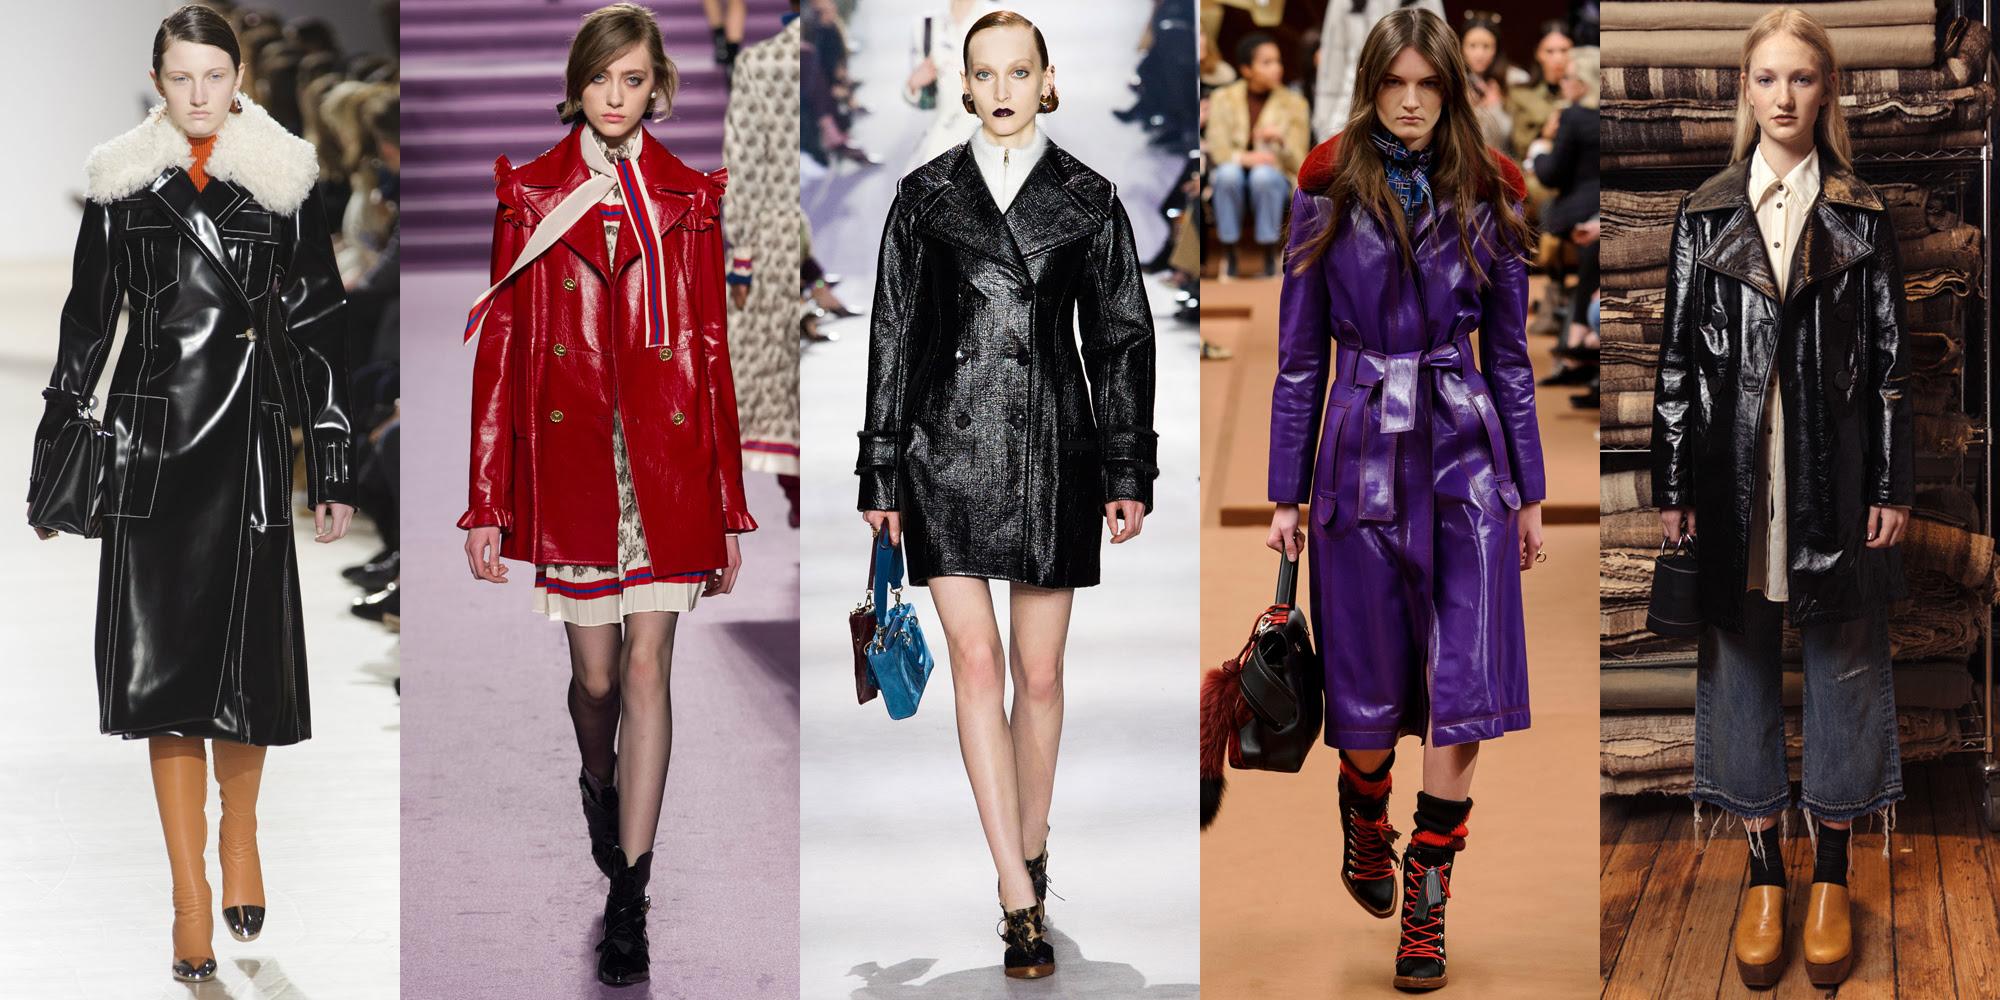 Znalezione obrazy dla zapytania outfits for fall and winter 2016